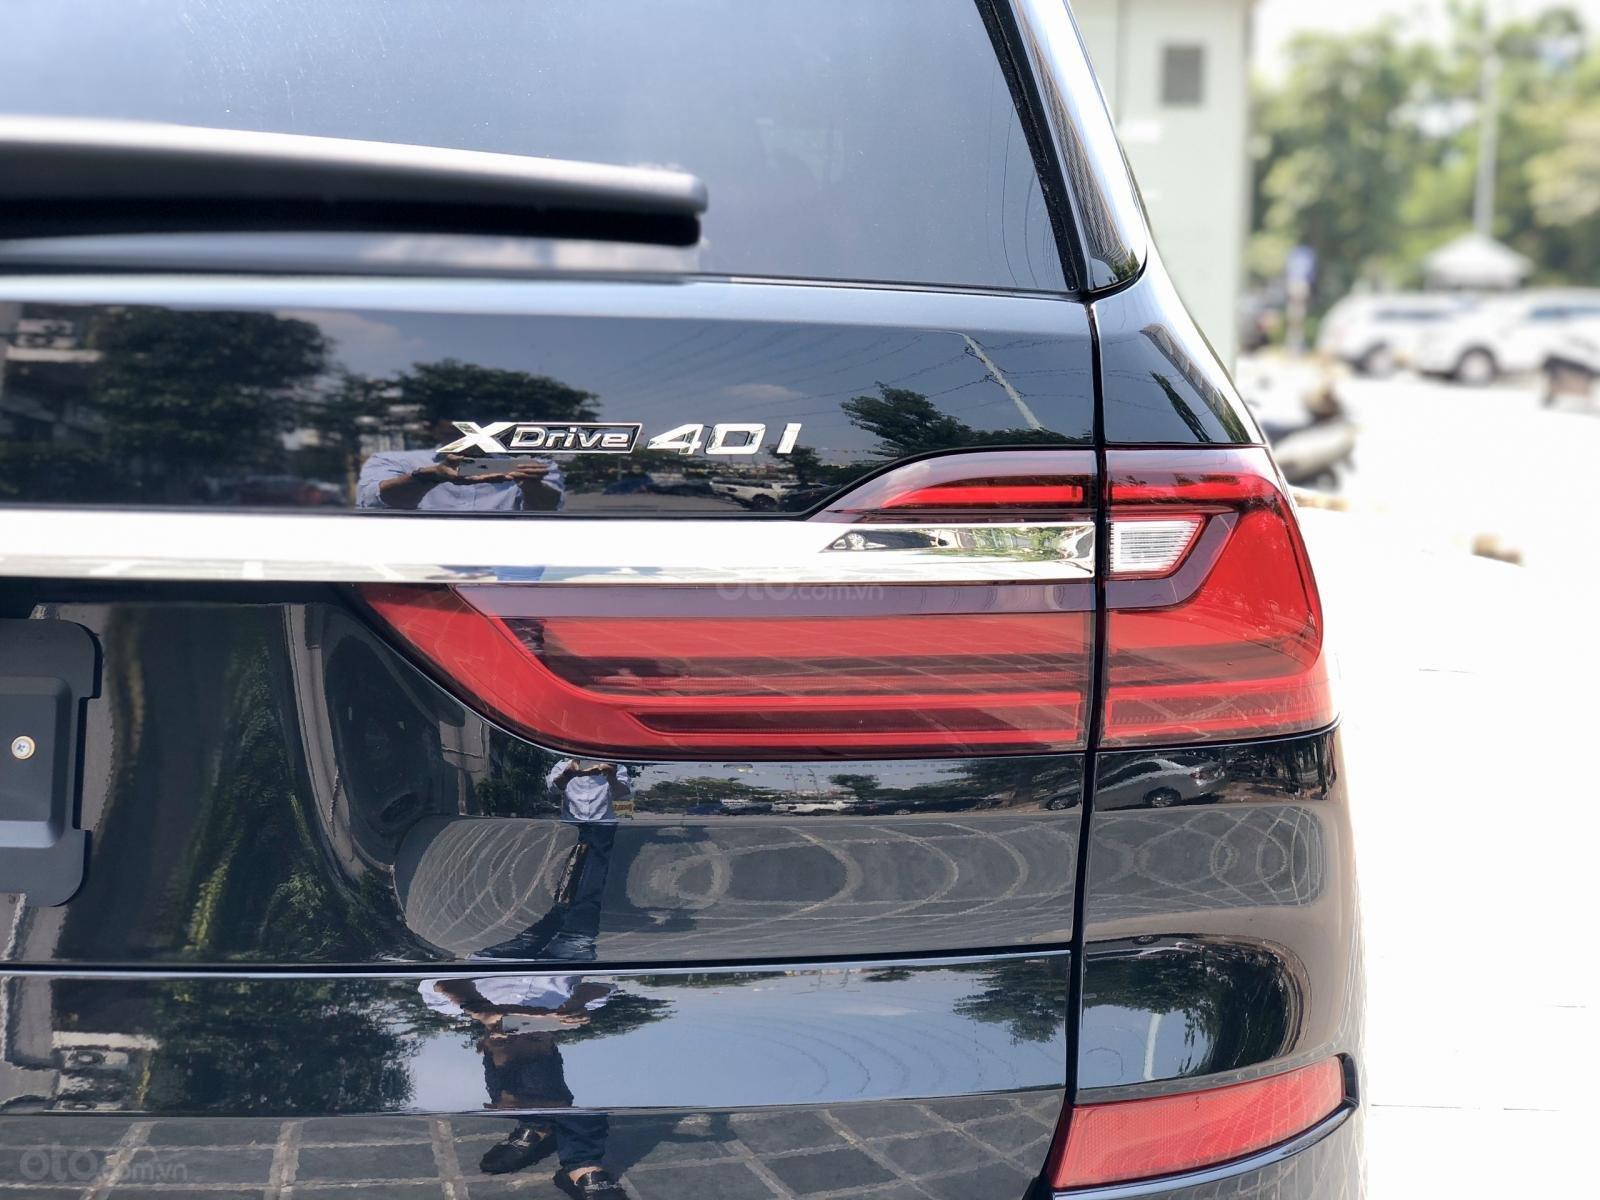 Bán BMW X7 xDrive40i sản xuất 2019, nhập khẩu Mỹ, bản full option 6 ghế, LH em Huân 0981.0101.61 (7)